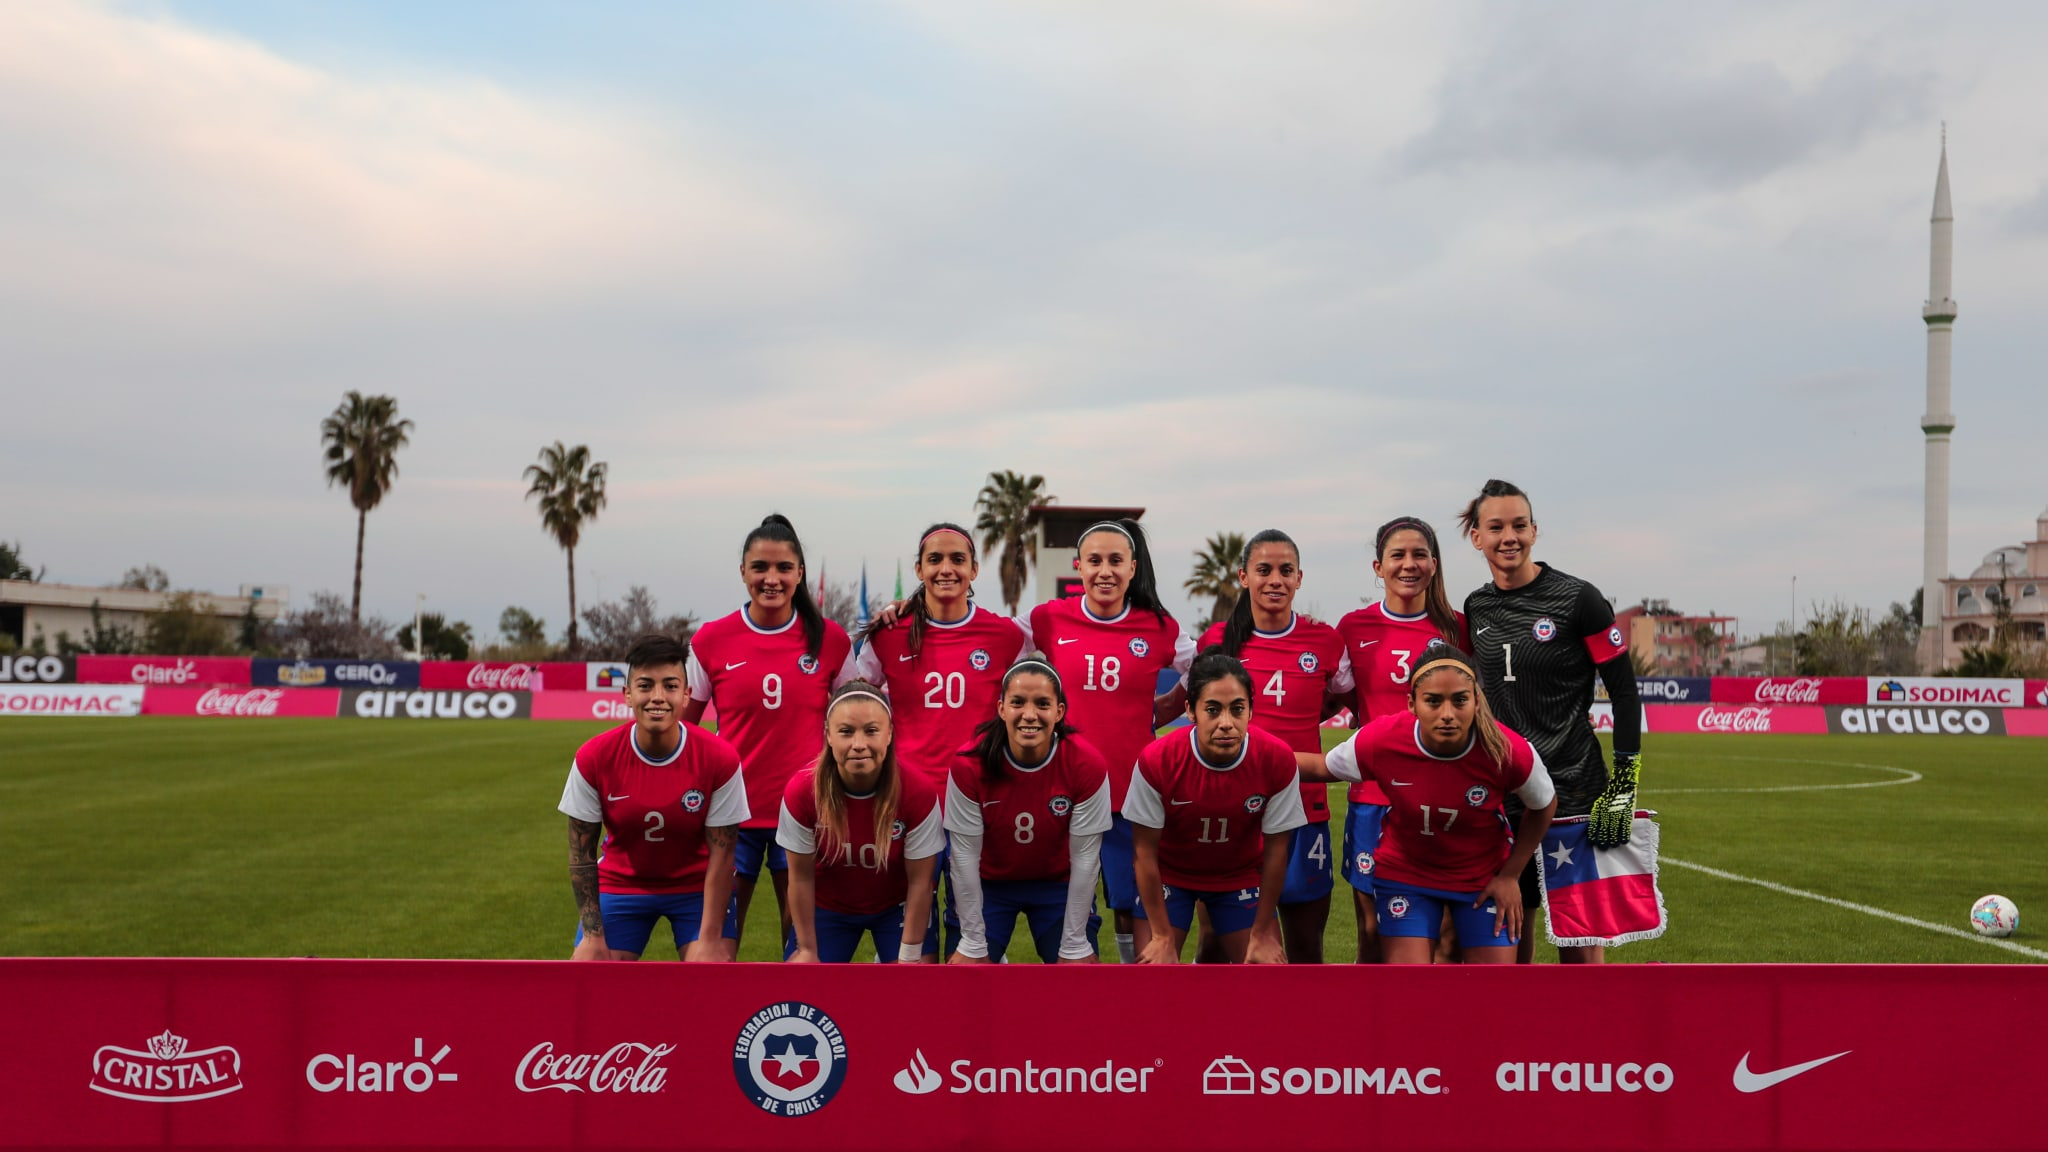 Formación de selección de Chile ante Camerún, repechaje intercontinental a Juegos Olímpicos de Tokio 2020, 13 de abril de 2021